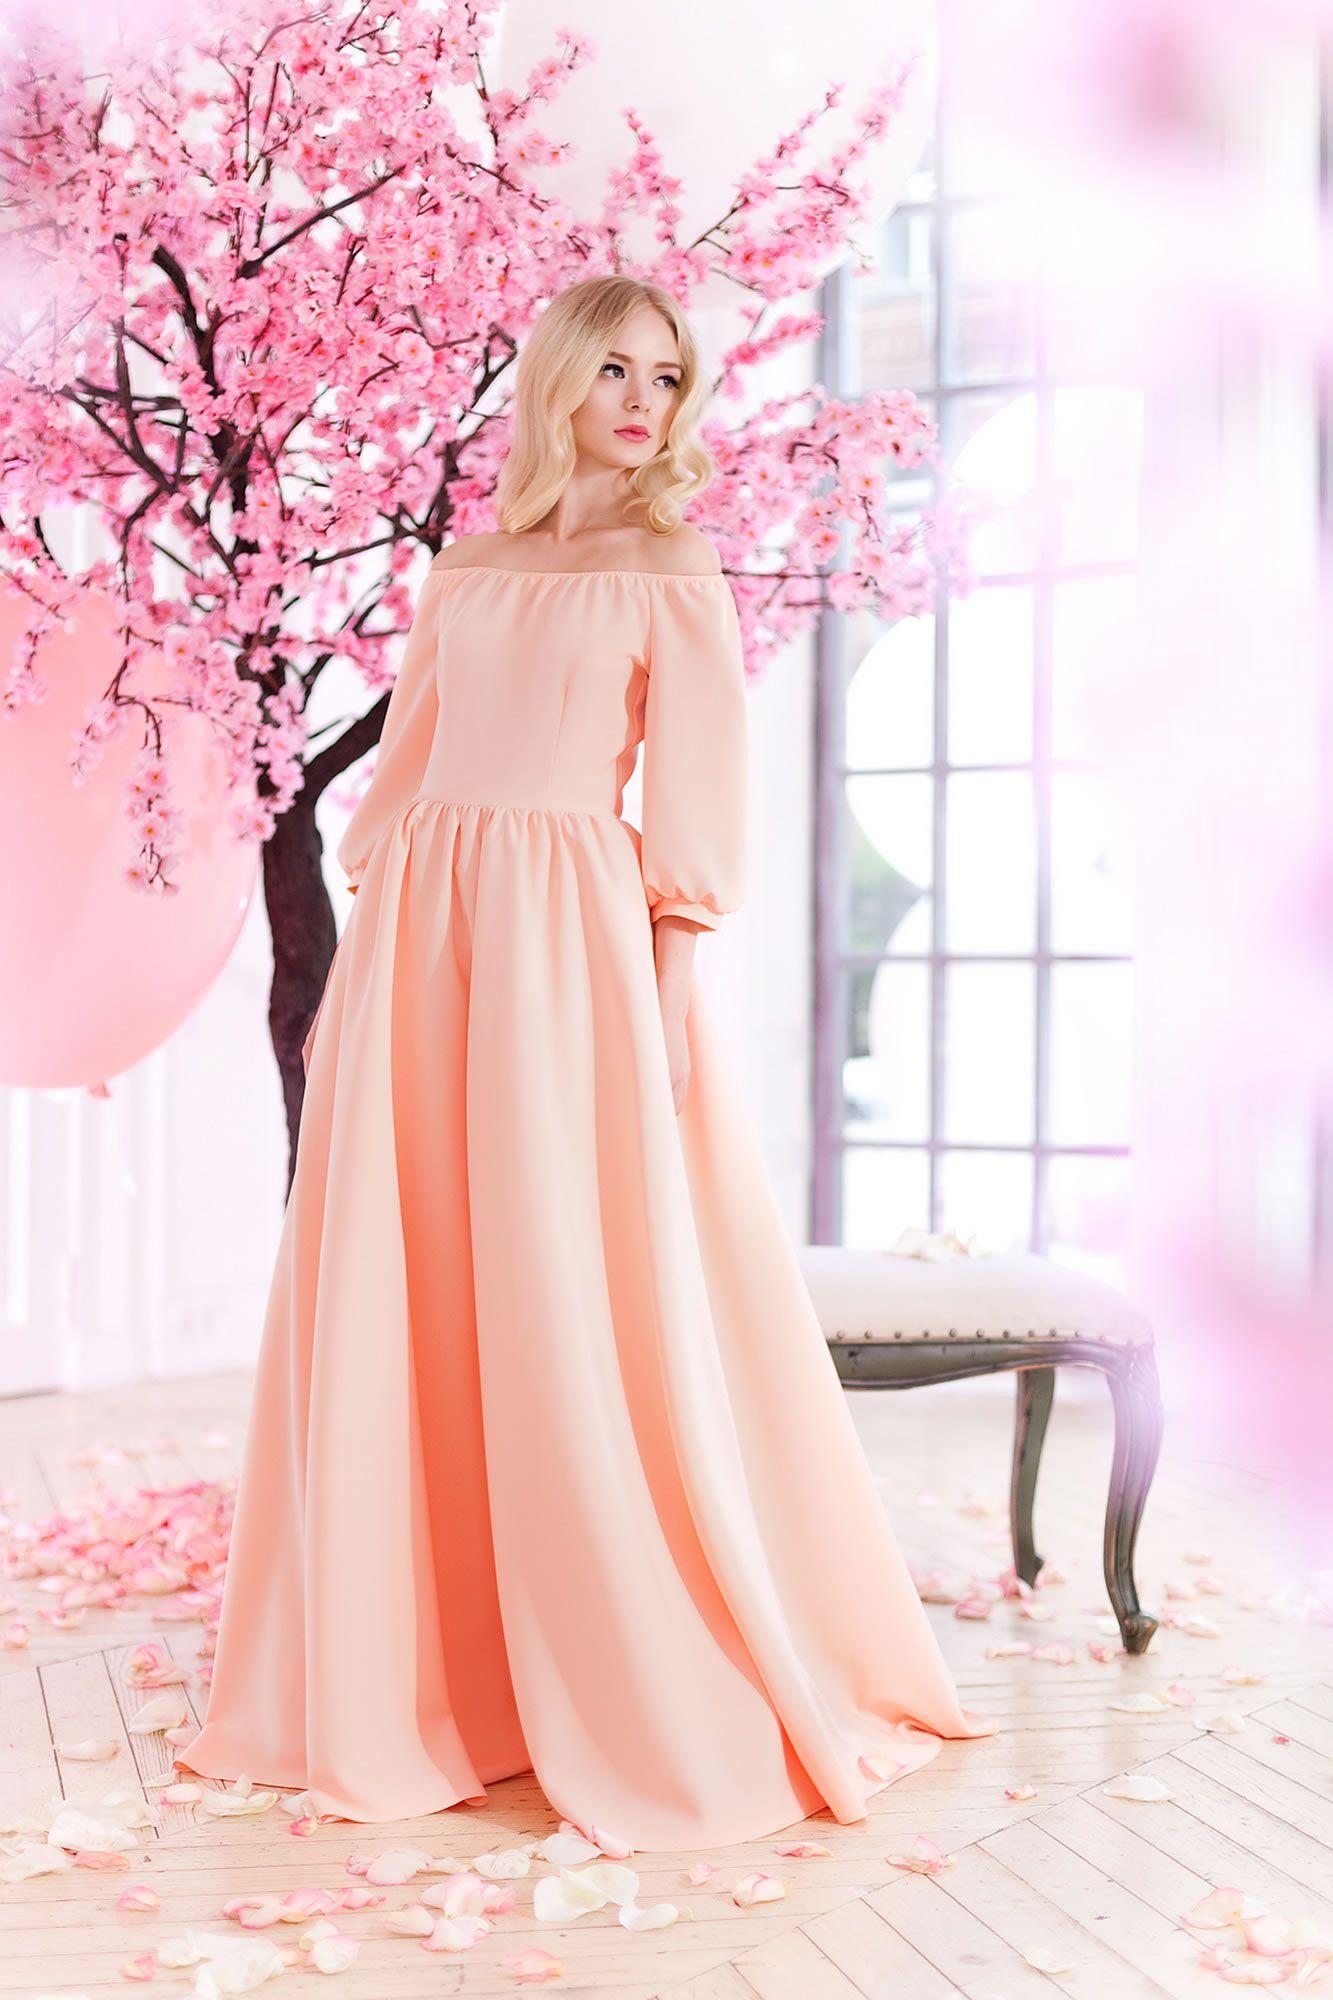 Платье «Аксинья» (персик) — 23 990 рублей | Vestidos. | Pinterest ...